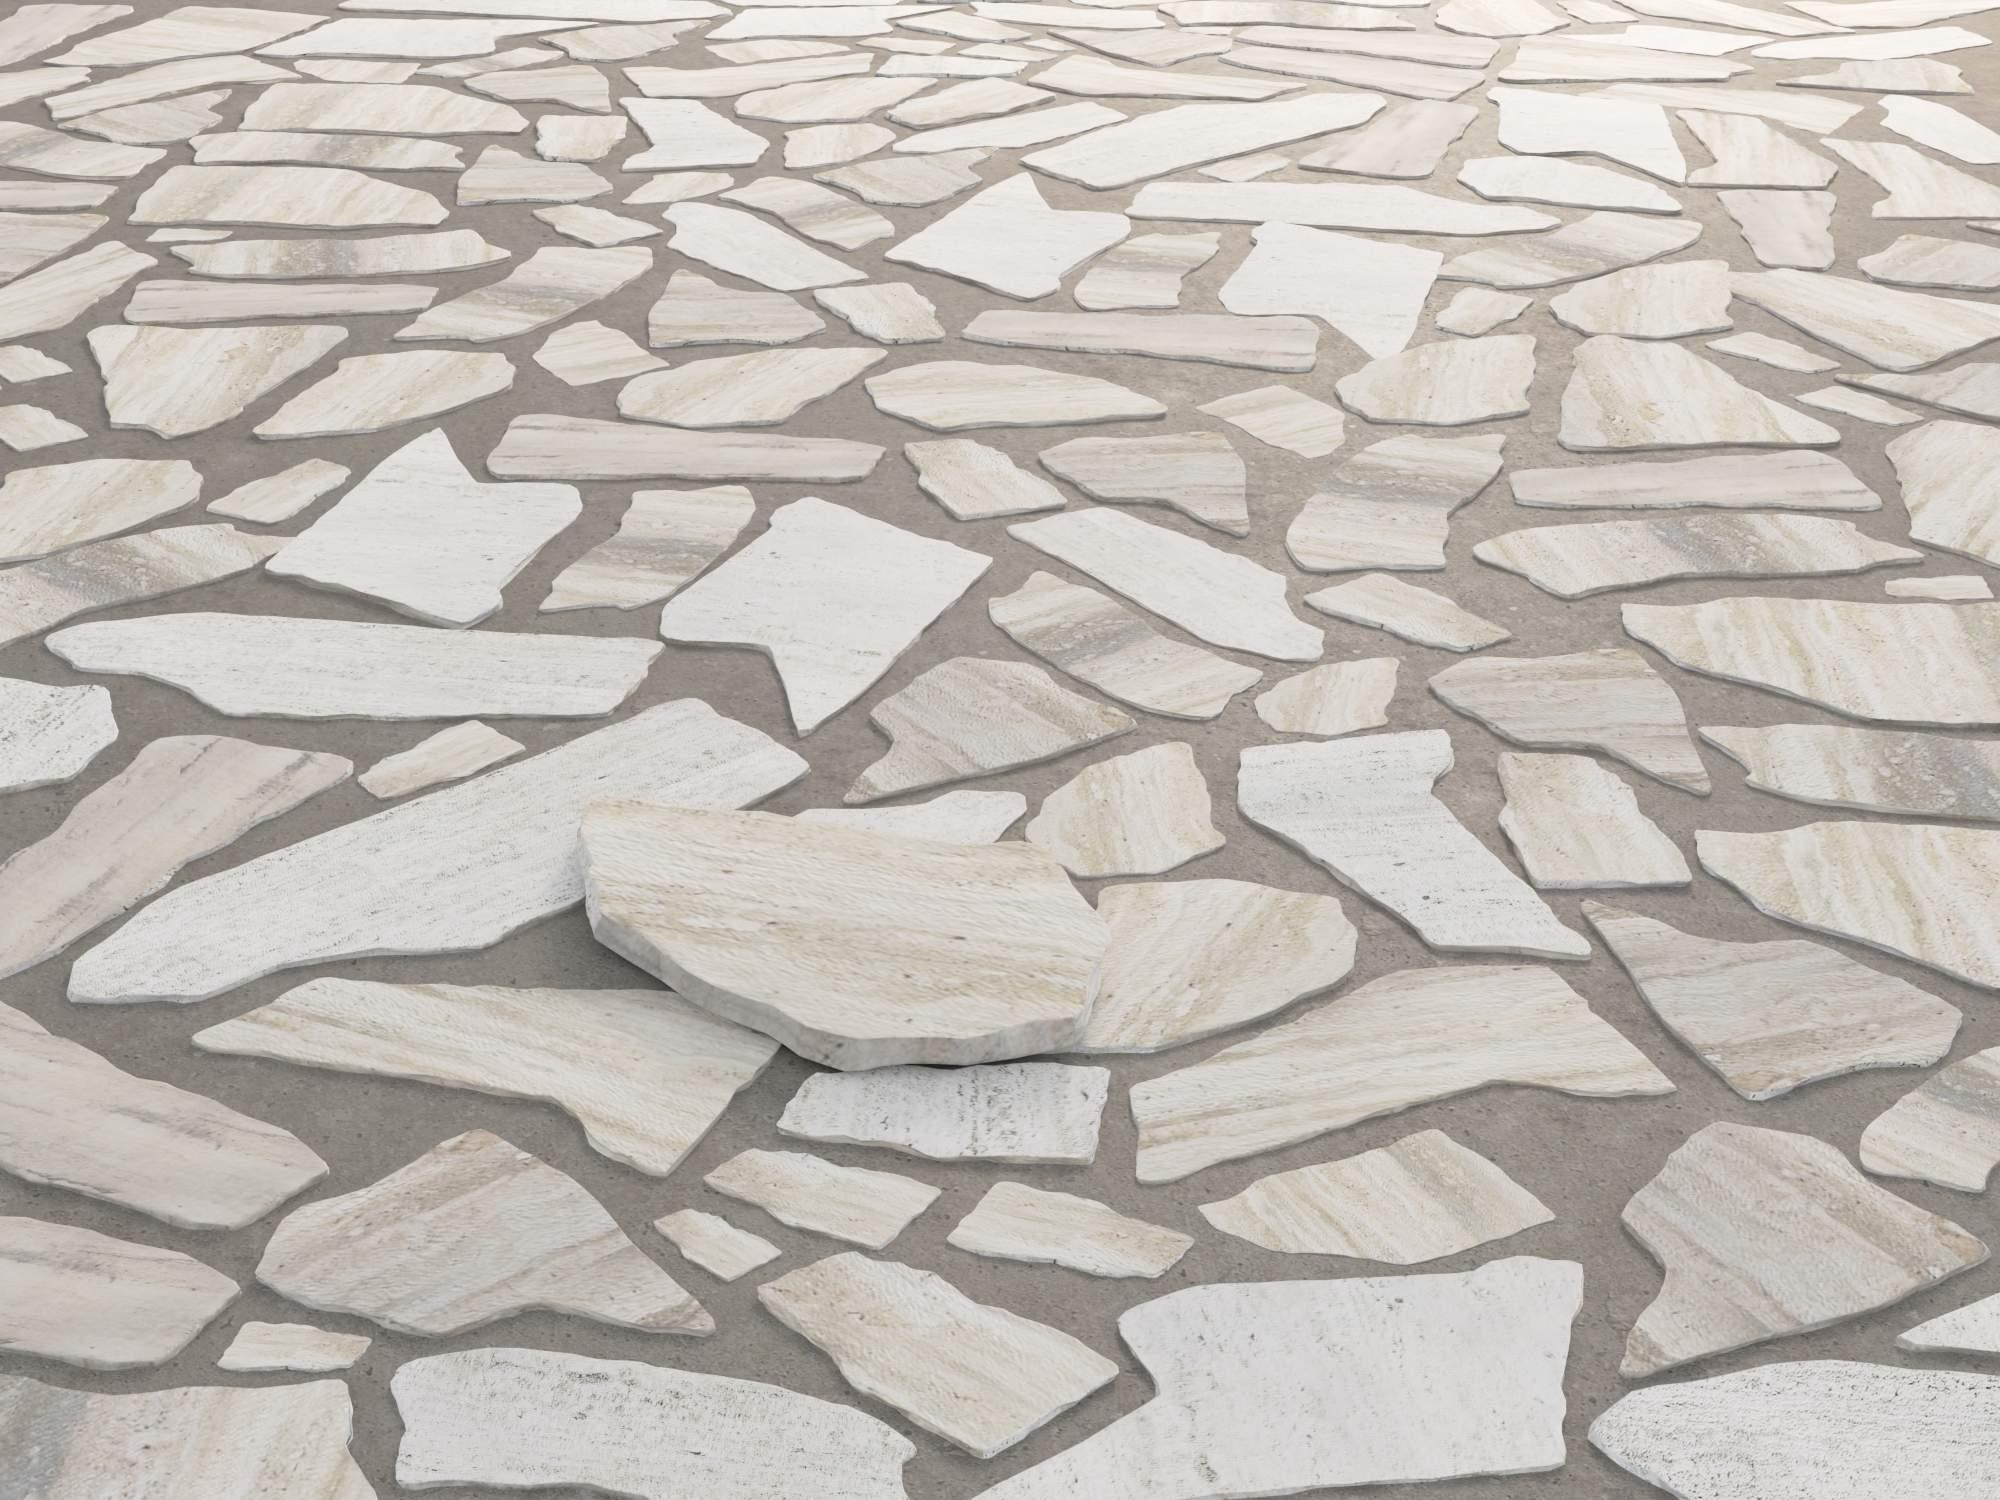 Garten Gestalten Mit Steinen Frisch 40 Luxus Garten Gestalten Mit Steinen Inspirierend